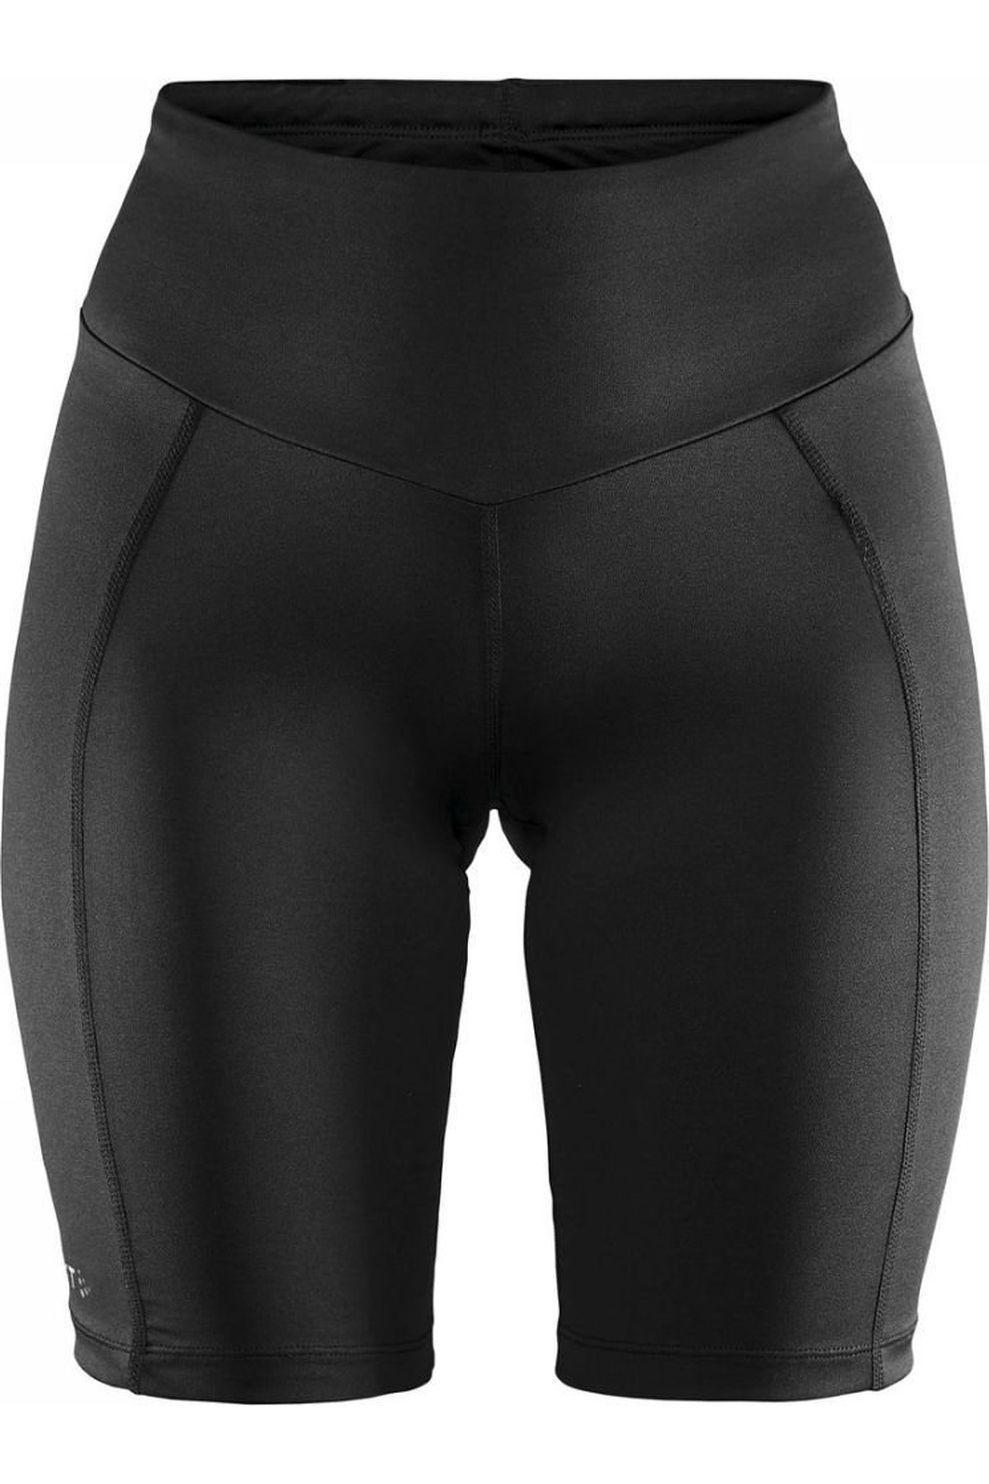 Craft Short Adv Essence voor dames - Zwart - Maten: S, M, L, XL